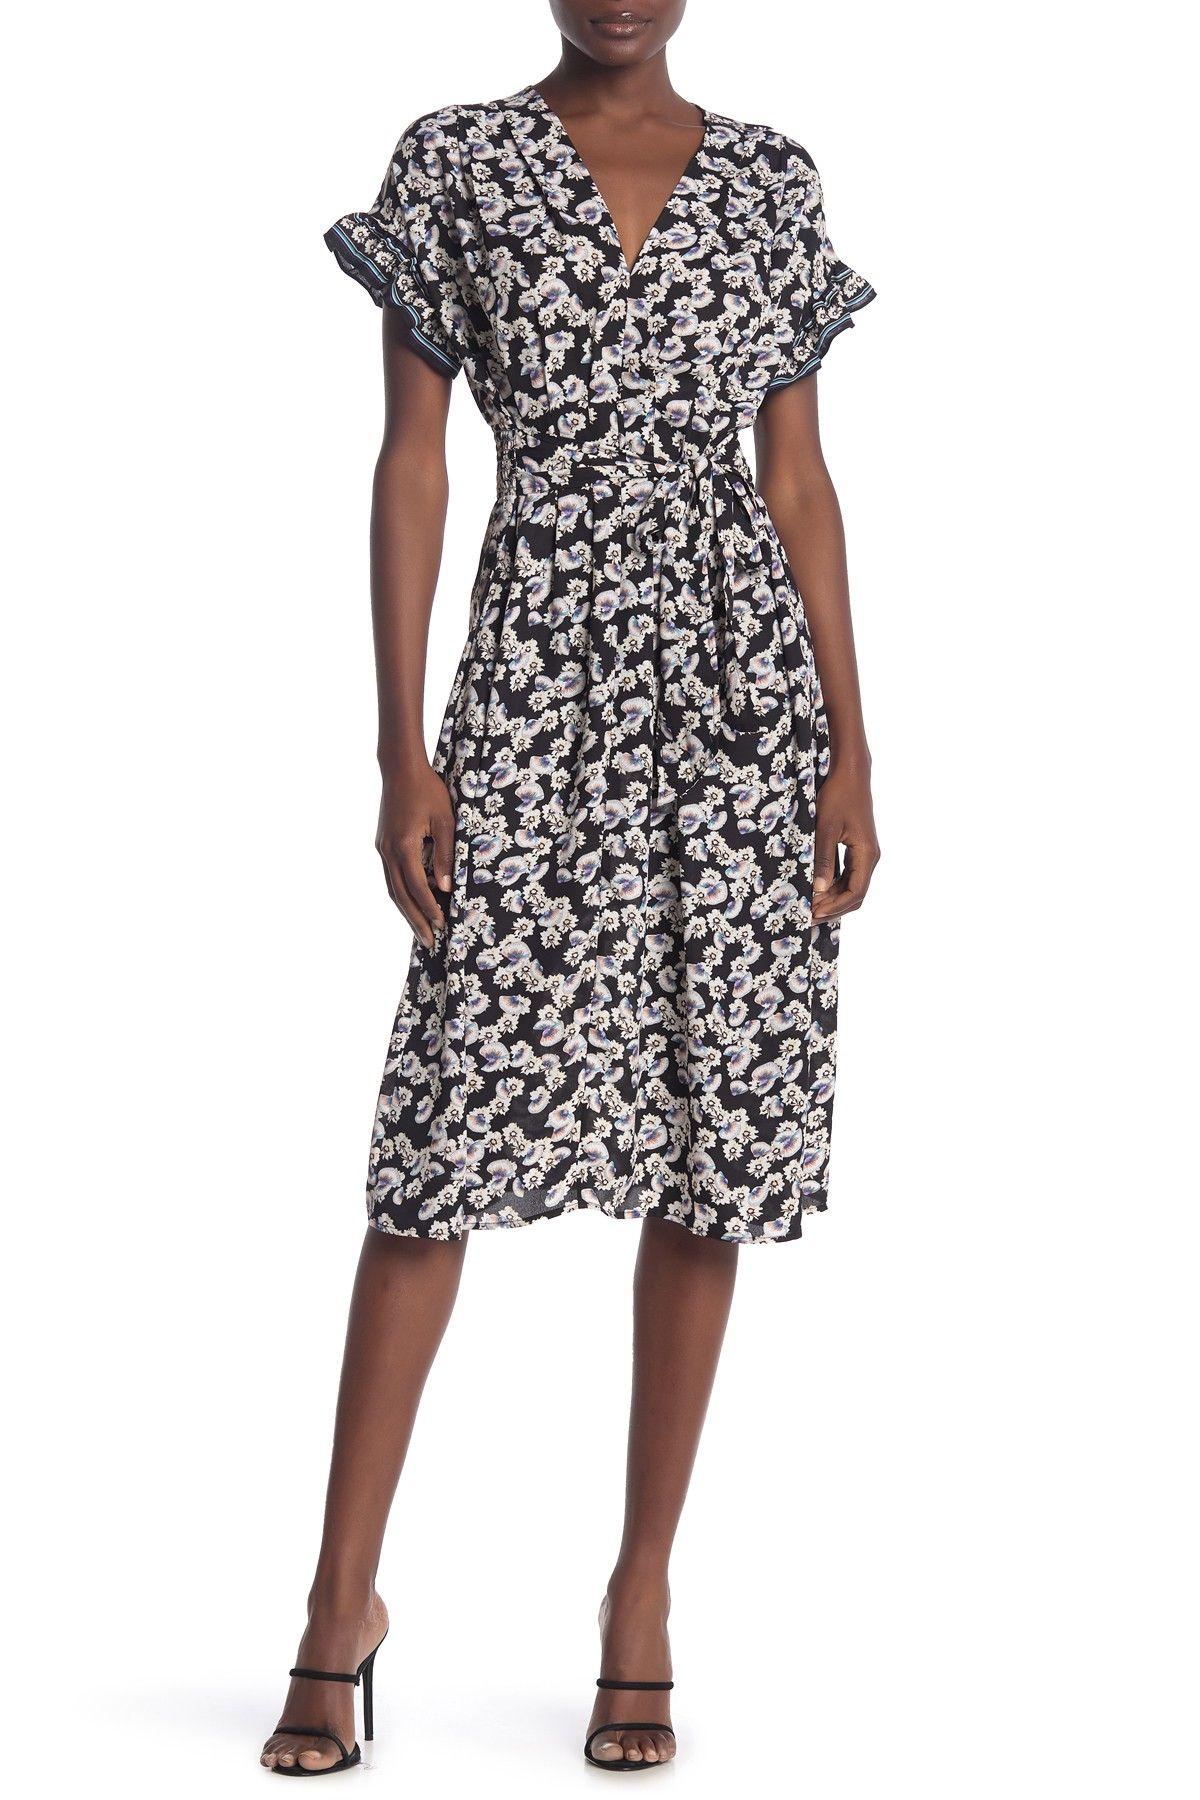 Max Studio Ruffle Sleeve Midi Dress Nordstrom Rack Midi Dress With Sleeves Midi Dress Nordstrom Dresses [ 1800 x 1200 Pixel ]